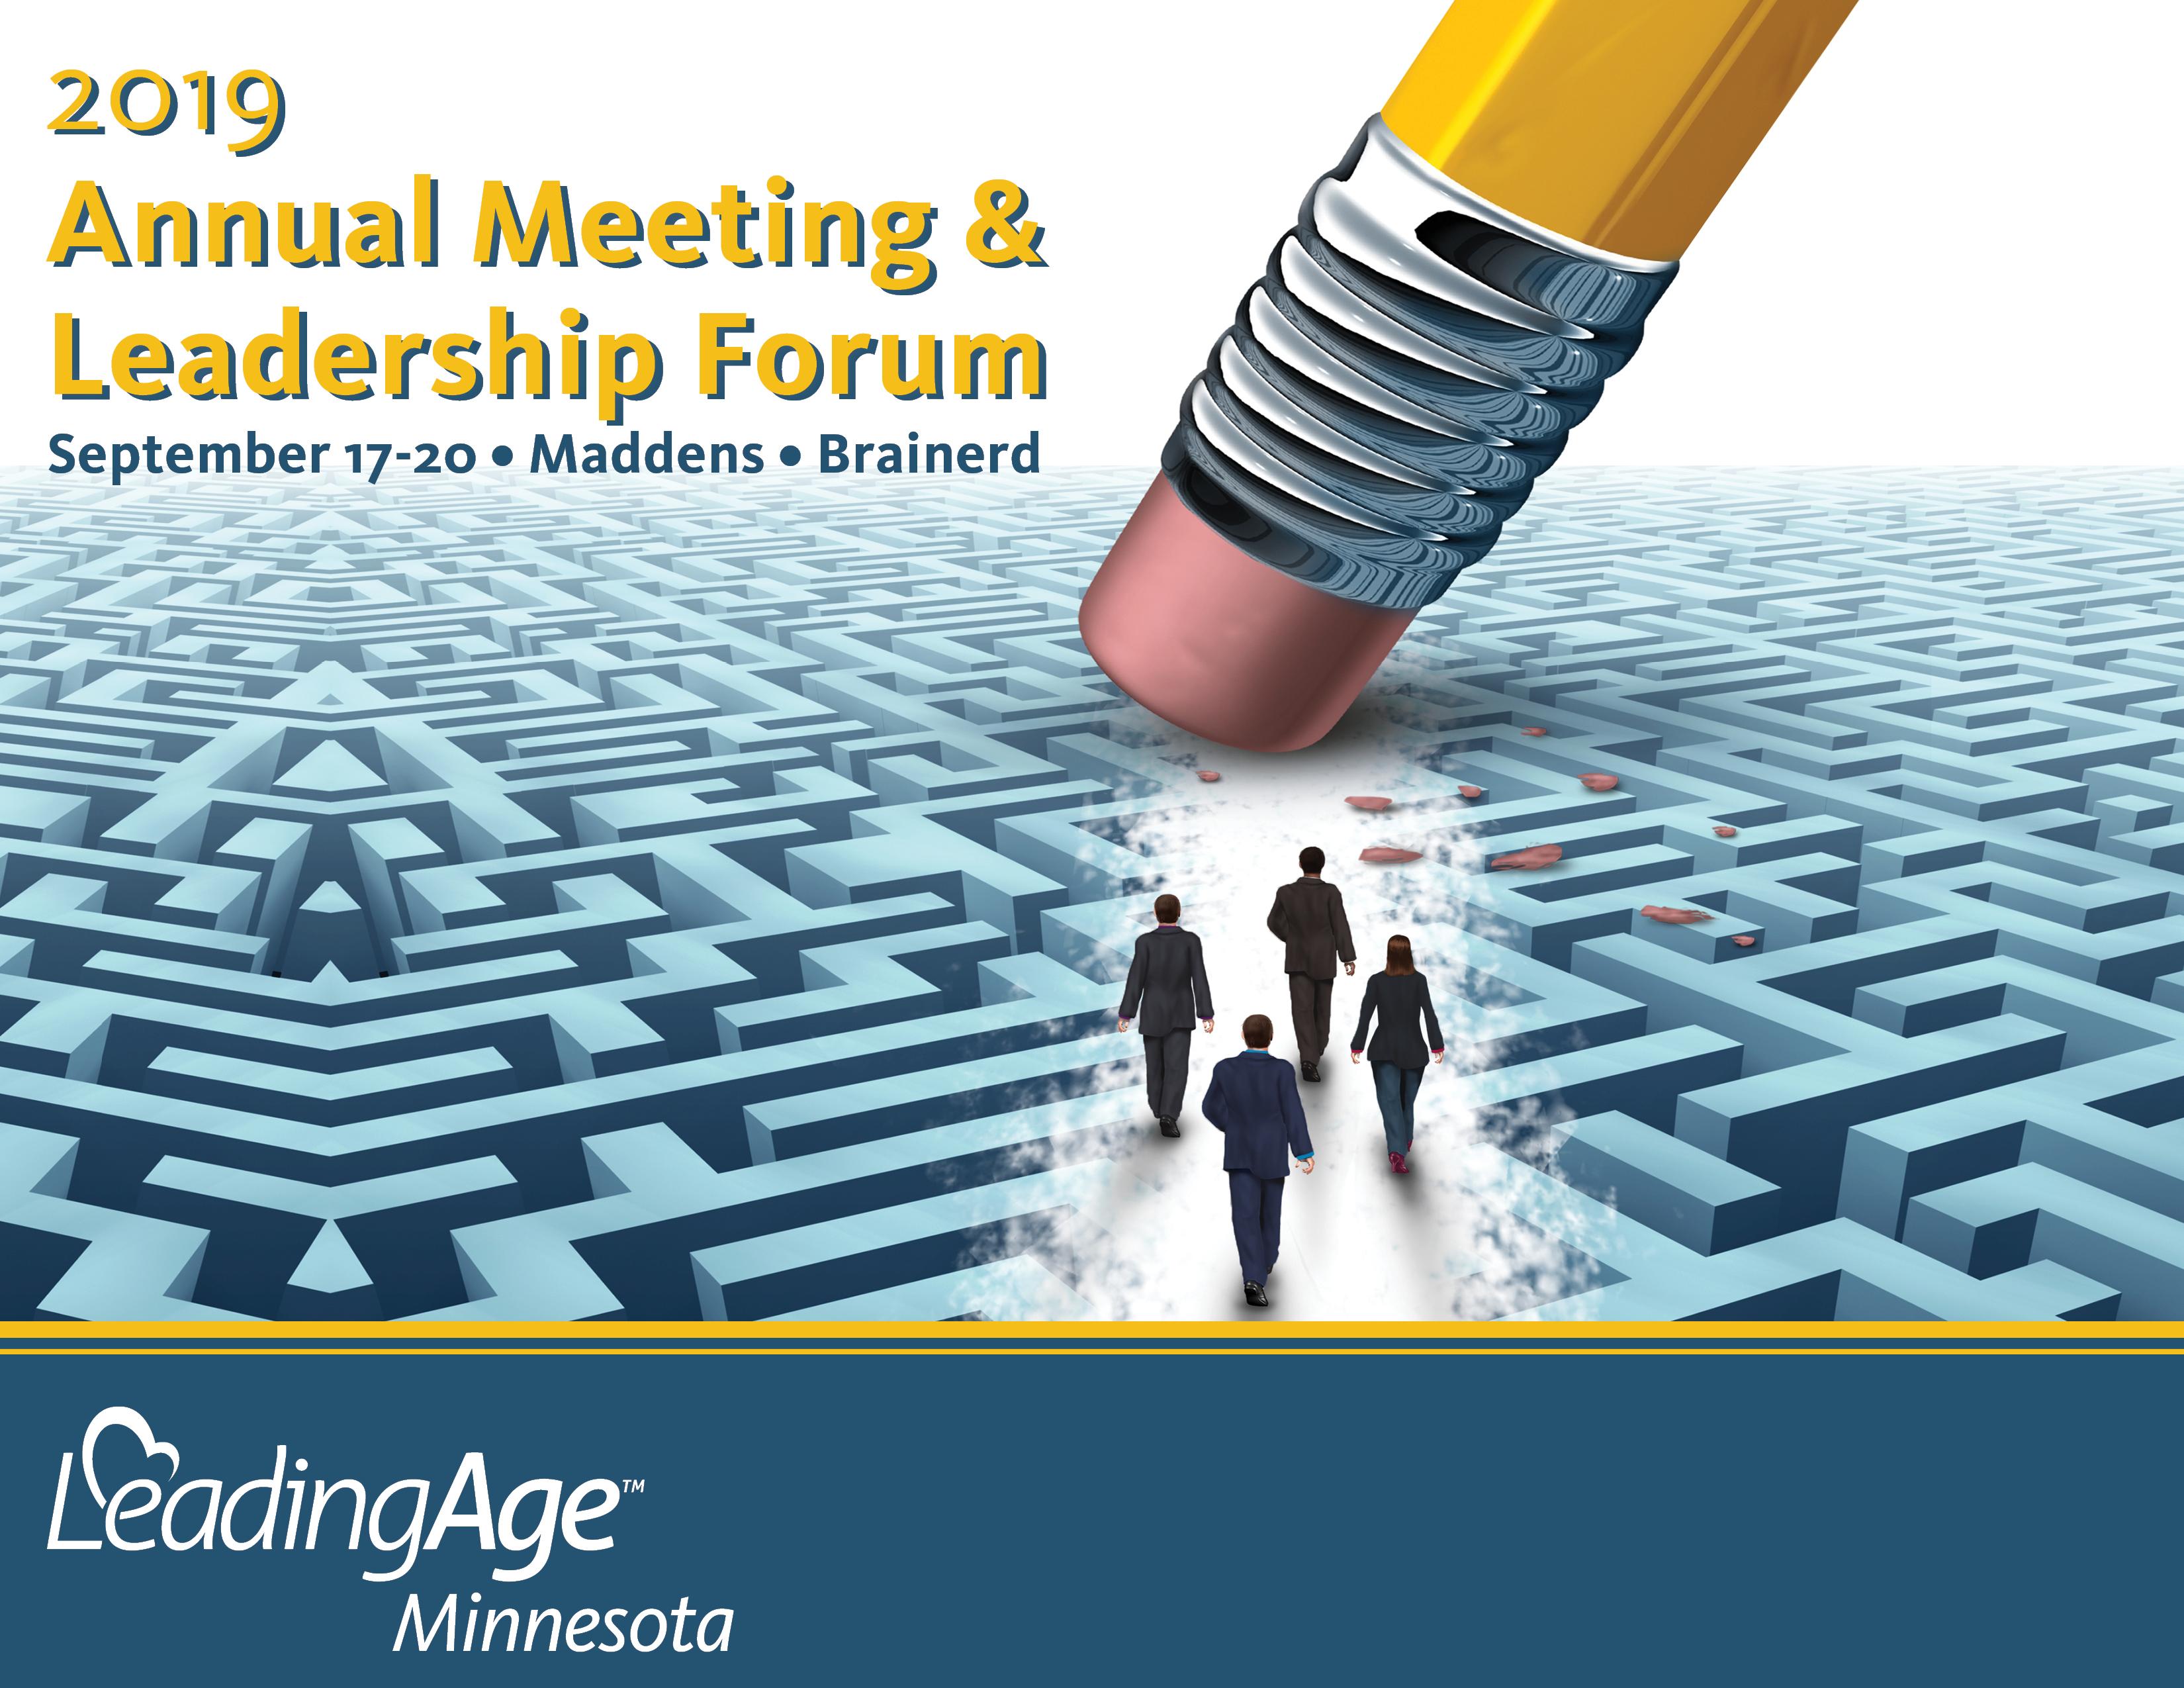 Annual Meeting and Leadership Forum | LeadingAge Minnesota